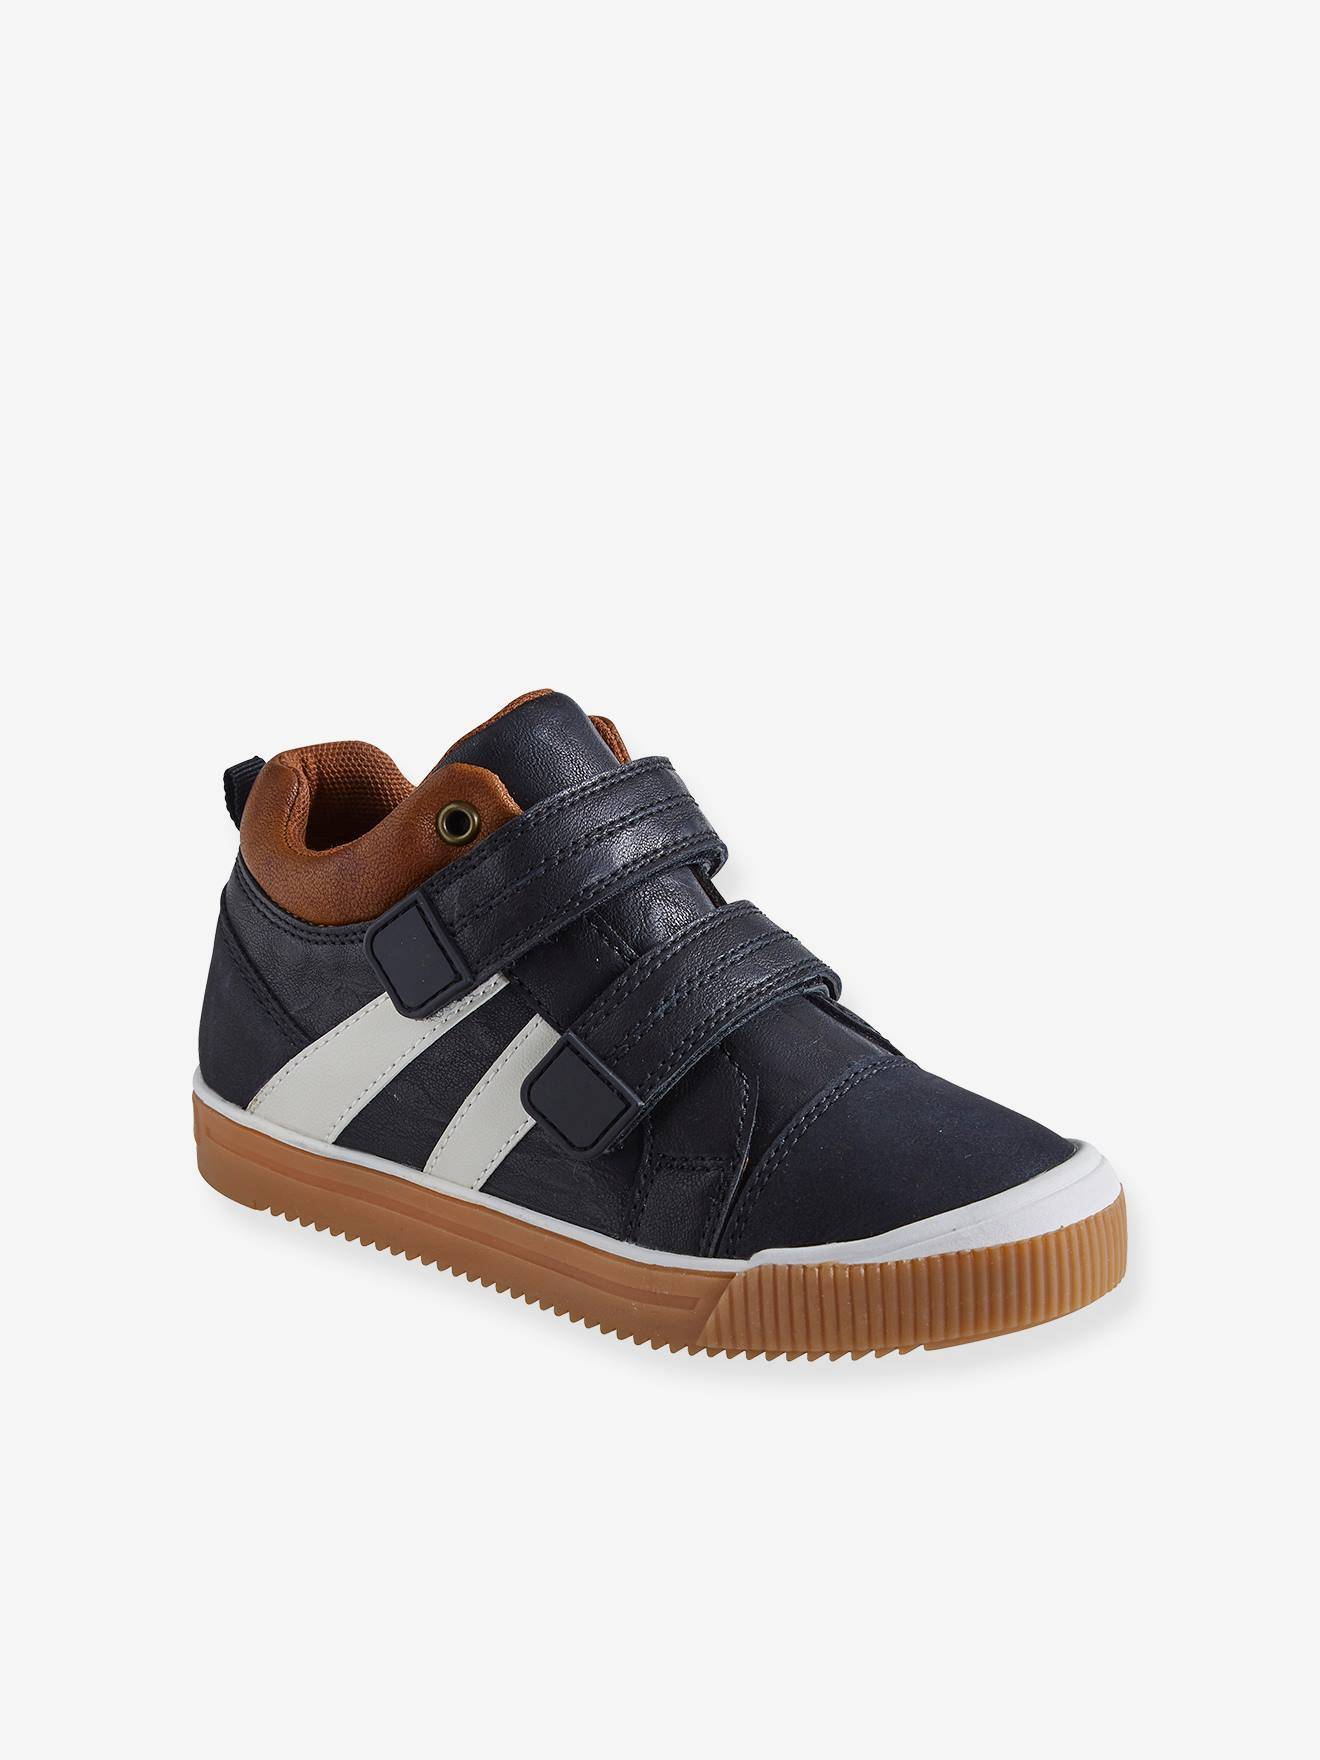 Vertbaudet Hohe Jungen Sneakers, Klettverschluss schwarz Gr. 24 von vertbaudet